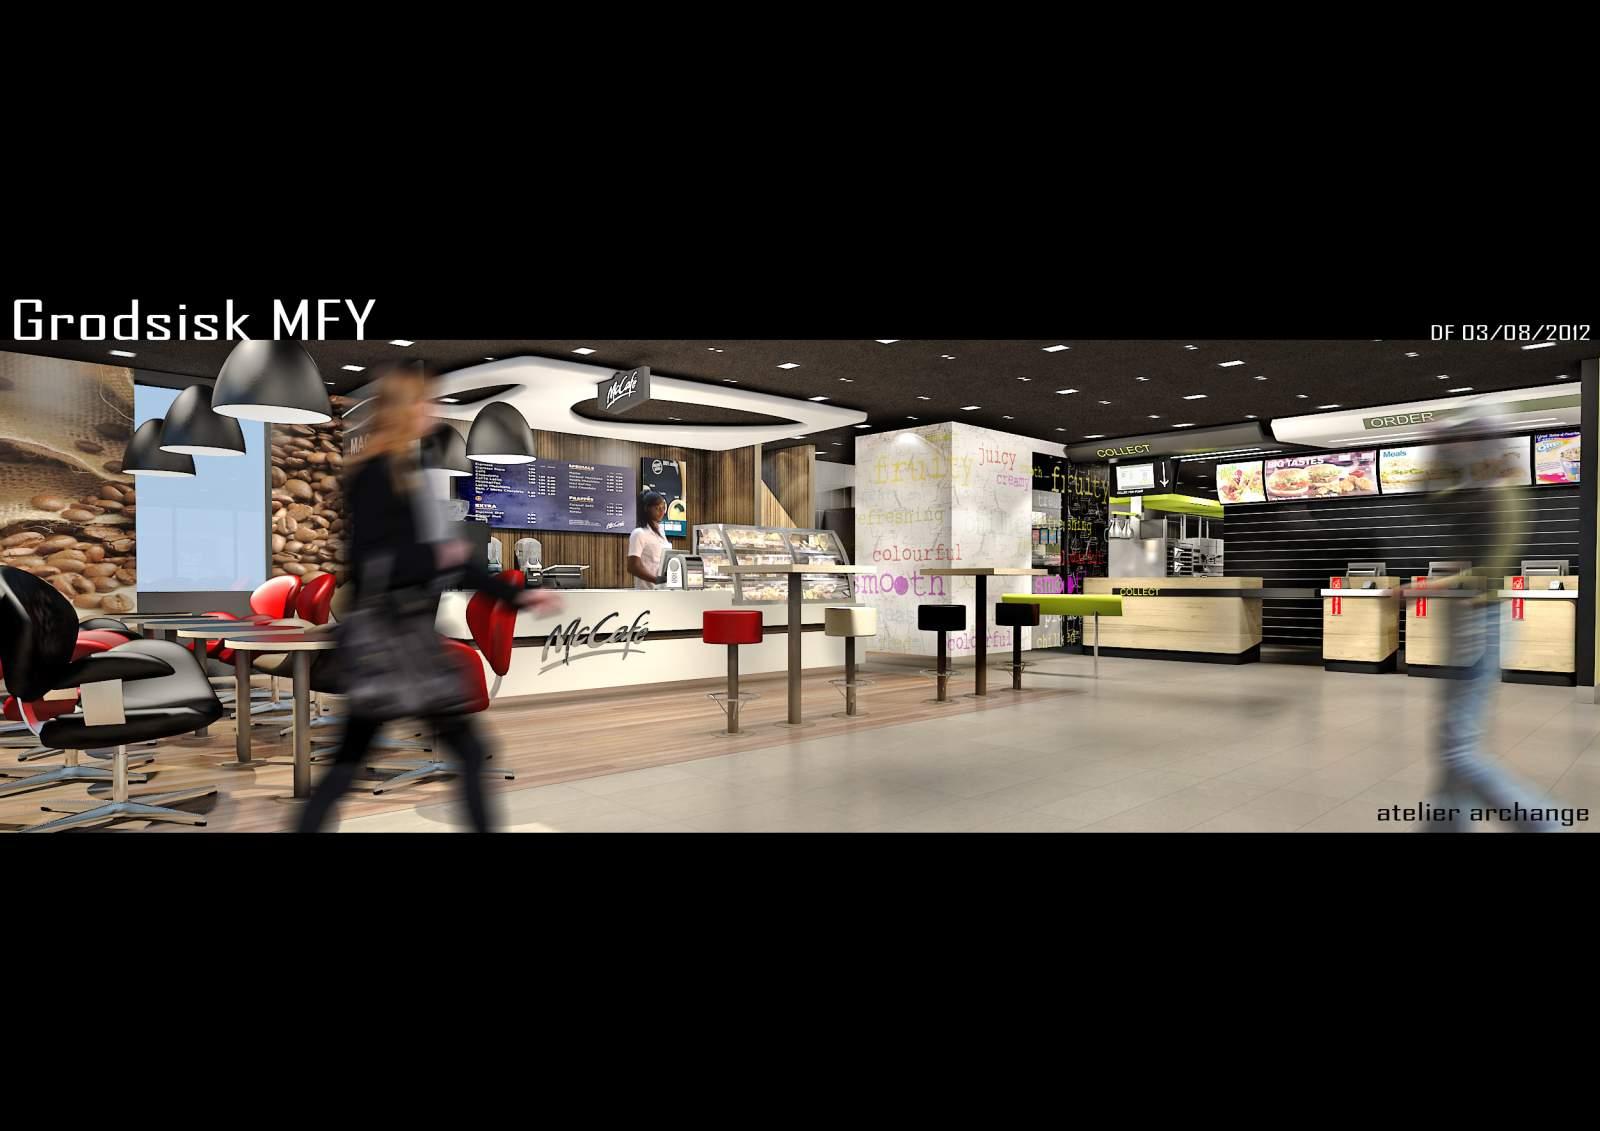 Grodzisk MFY projet view 01